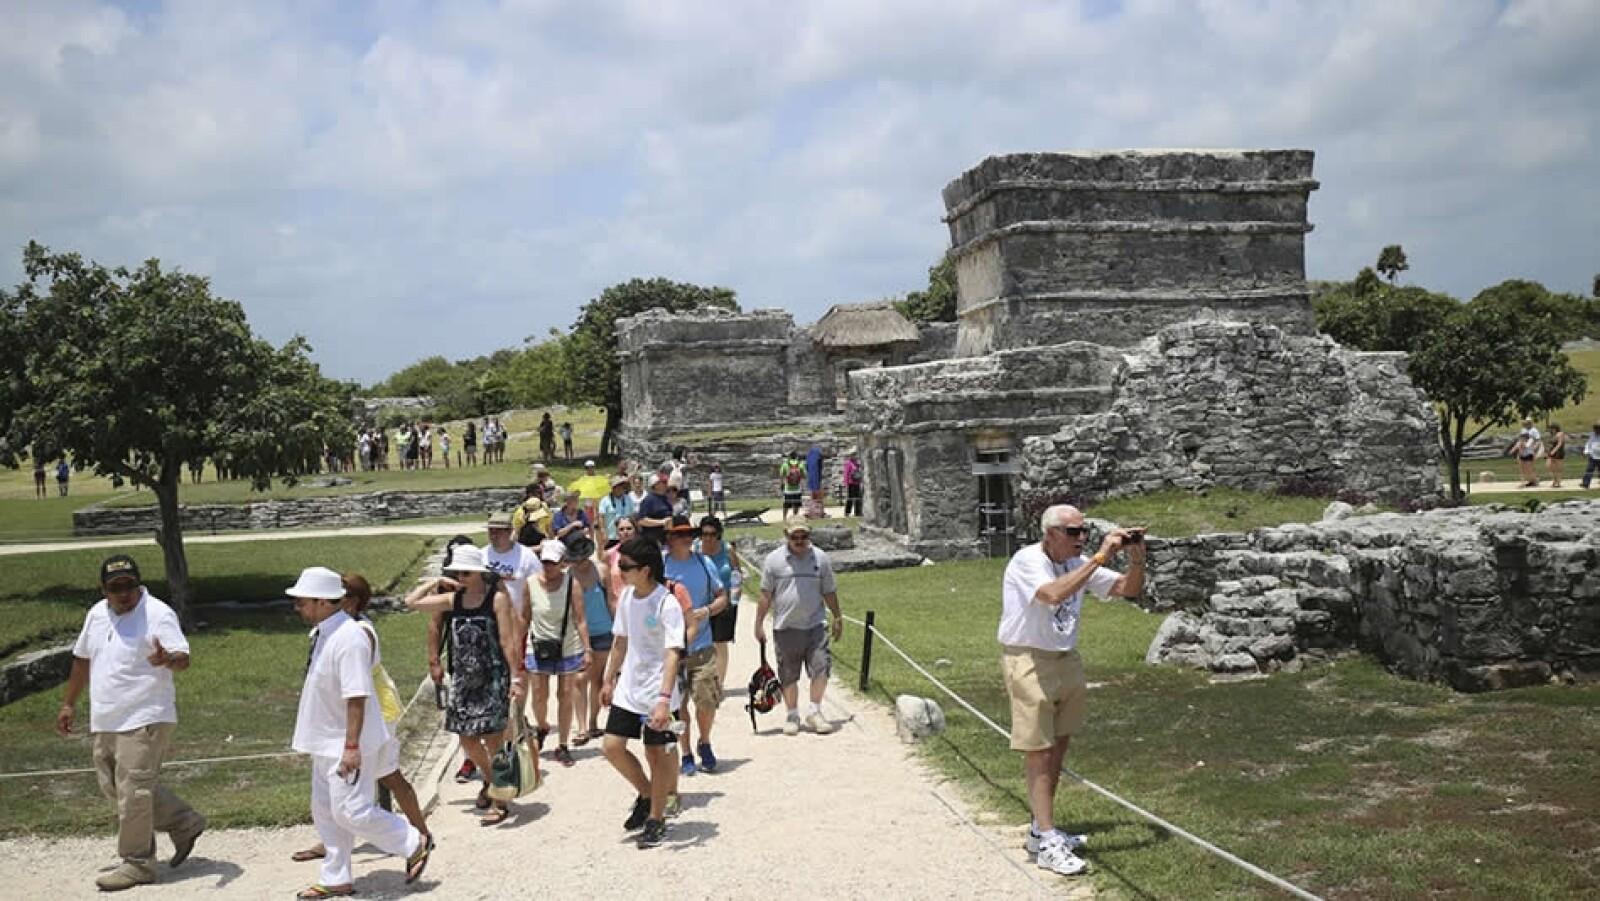 Tulum-ruinas-arqueologicas